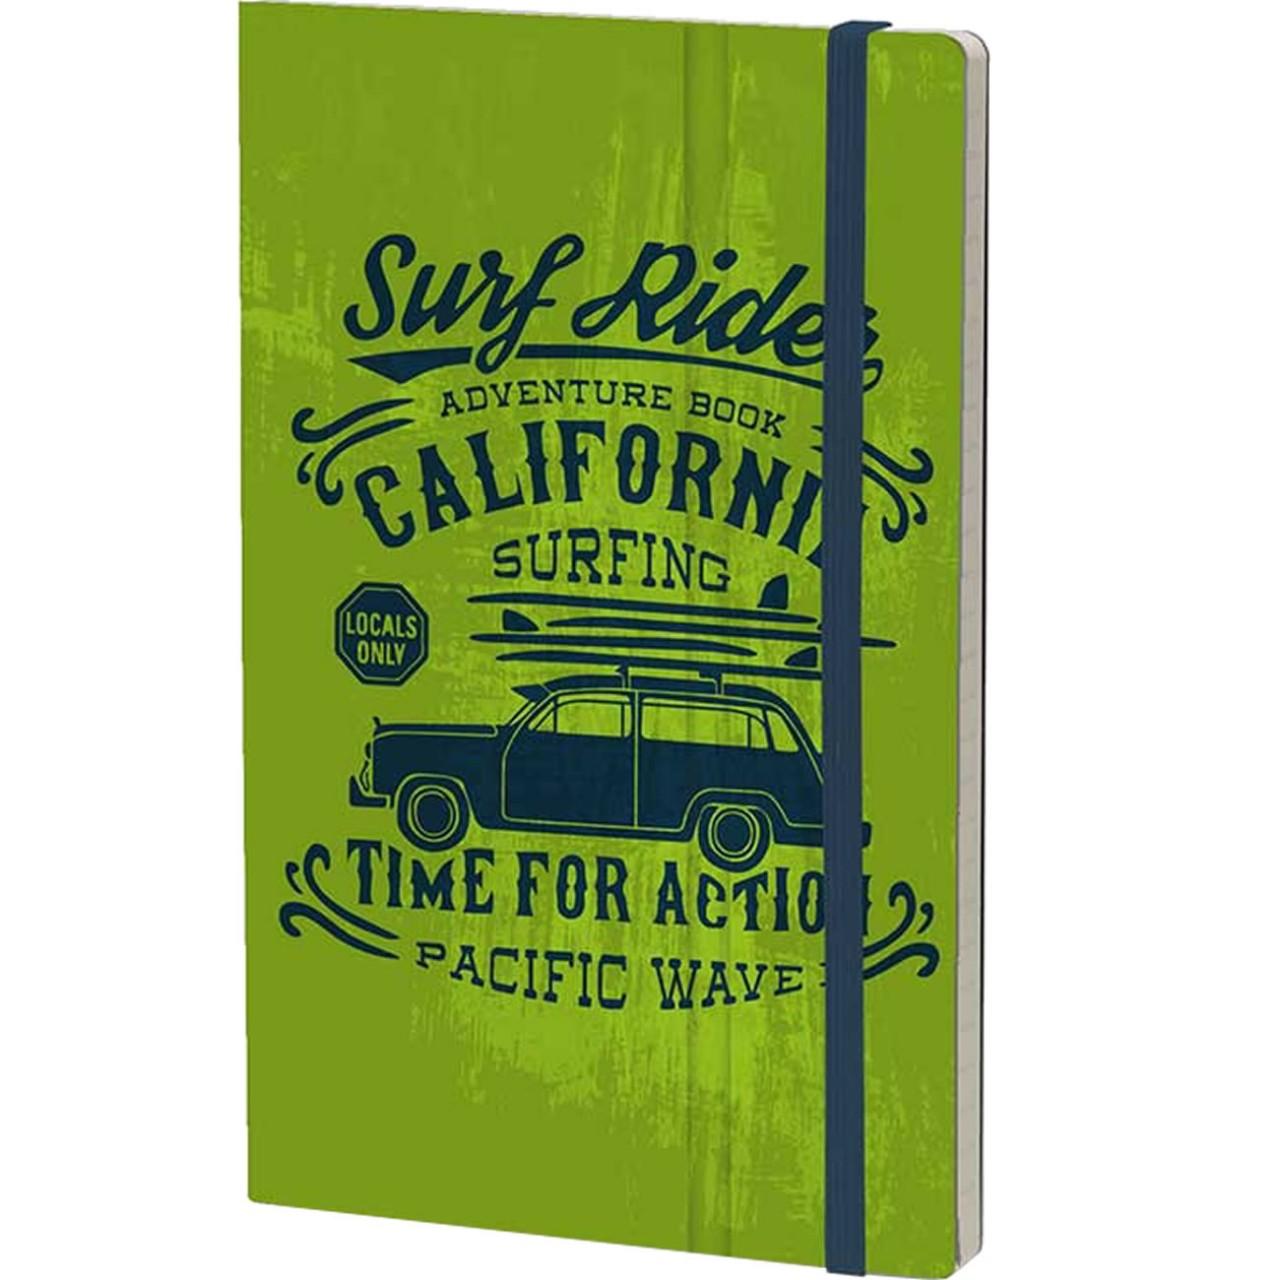 Stifflexible Notizbuch VINTAGE SURFING (Adventure) 9 x 14 cm 144 S., GREEN